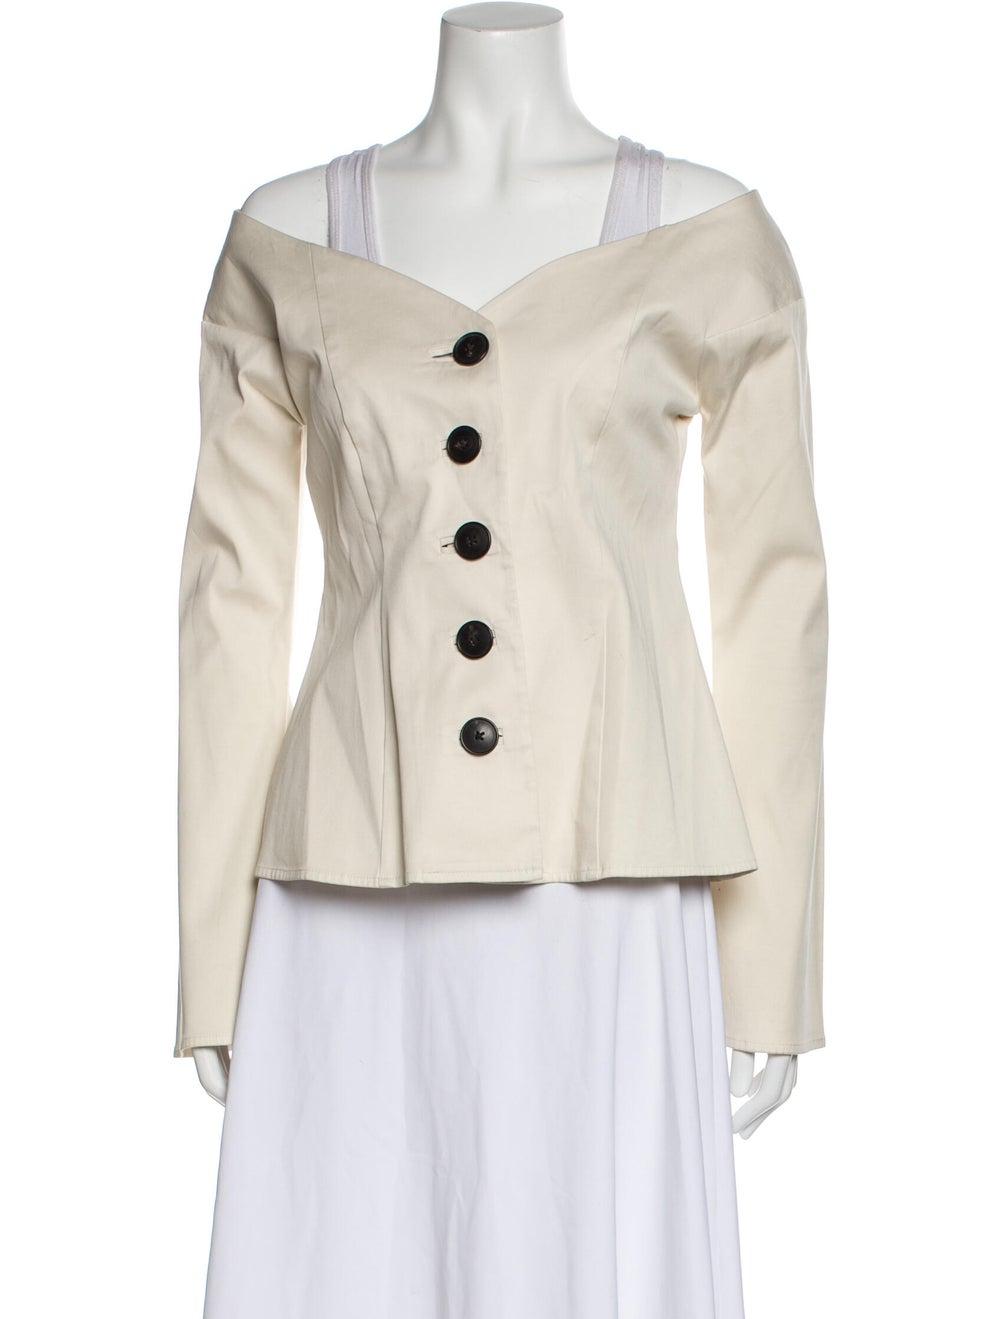 Beaufille Jacket - image 1